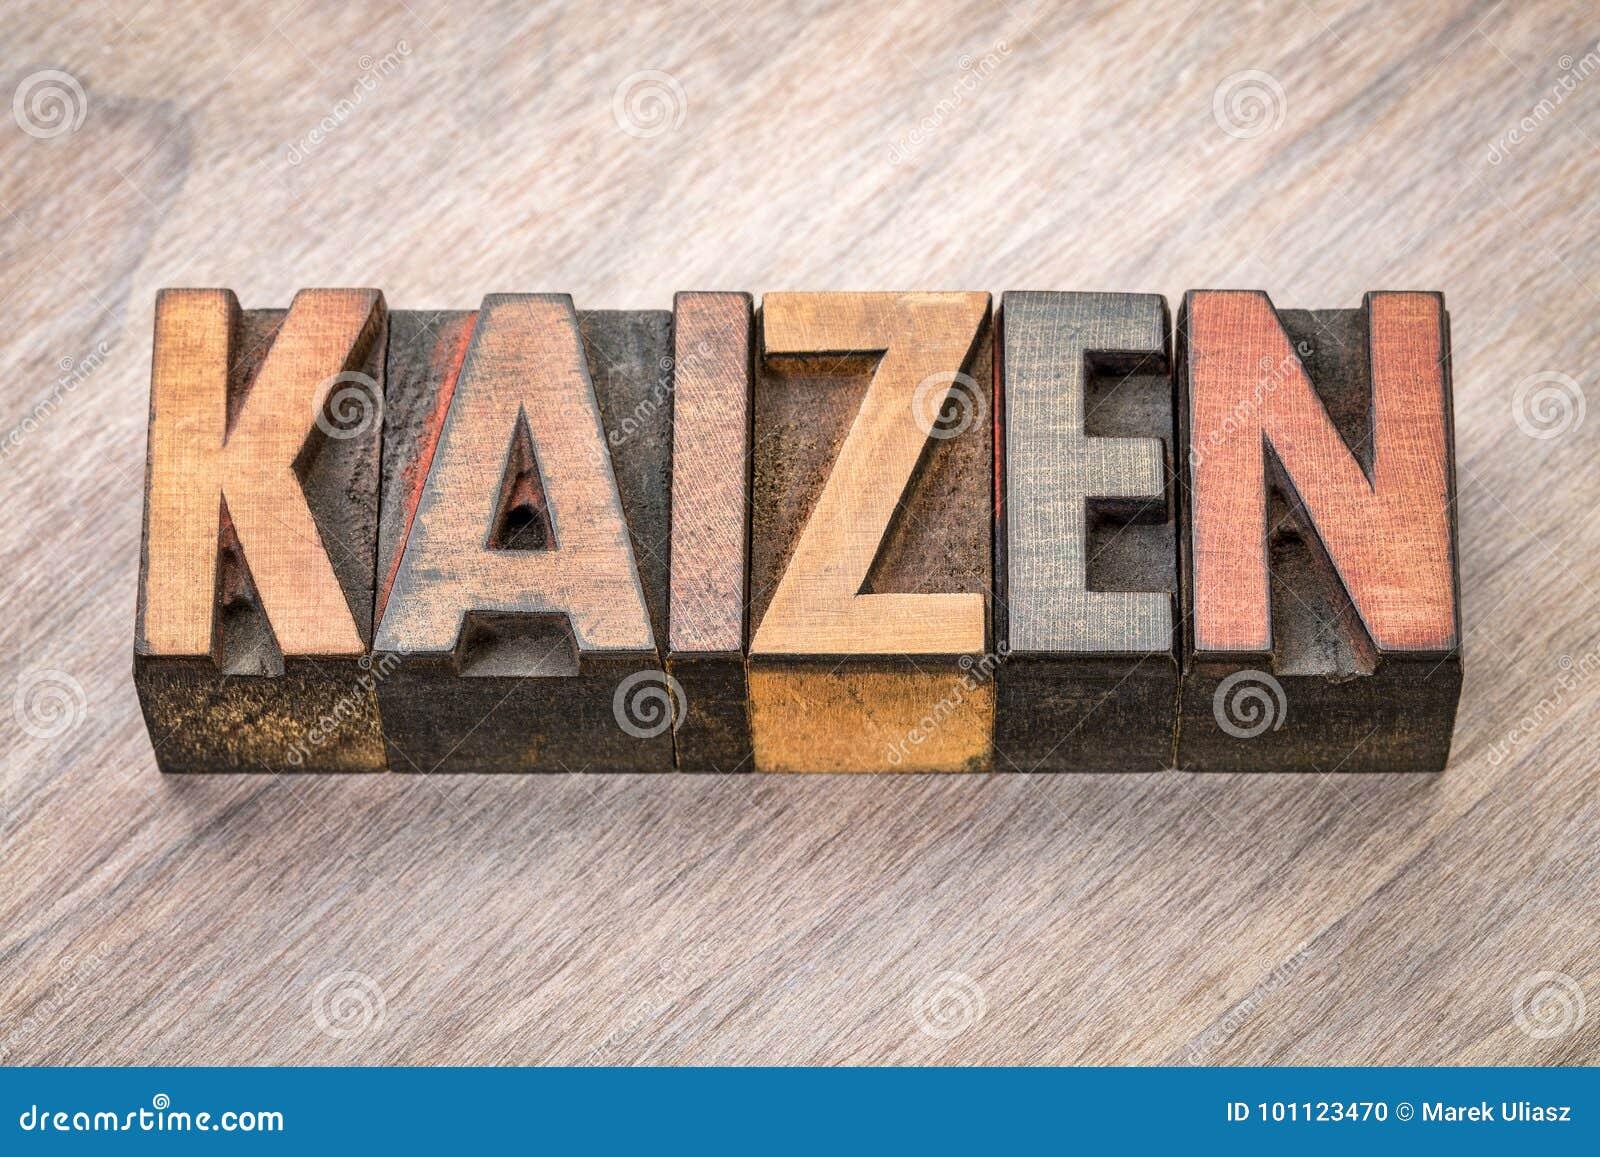 Kaizen - concetto continuo di miglioramento